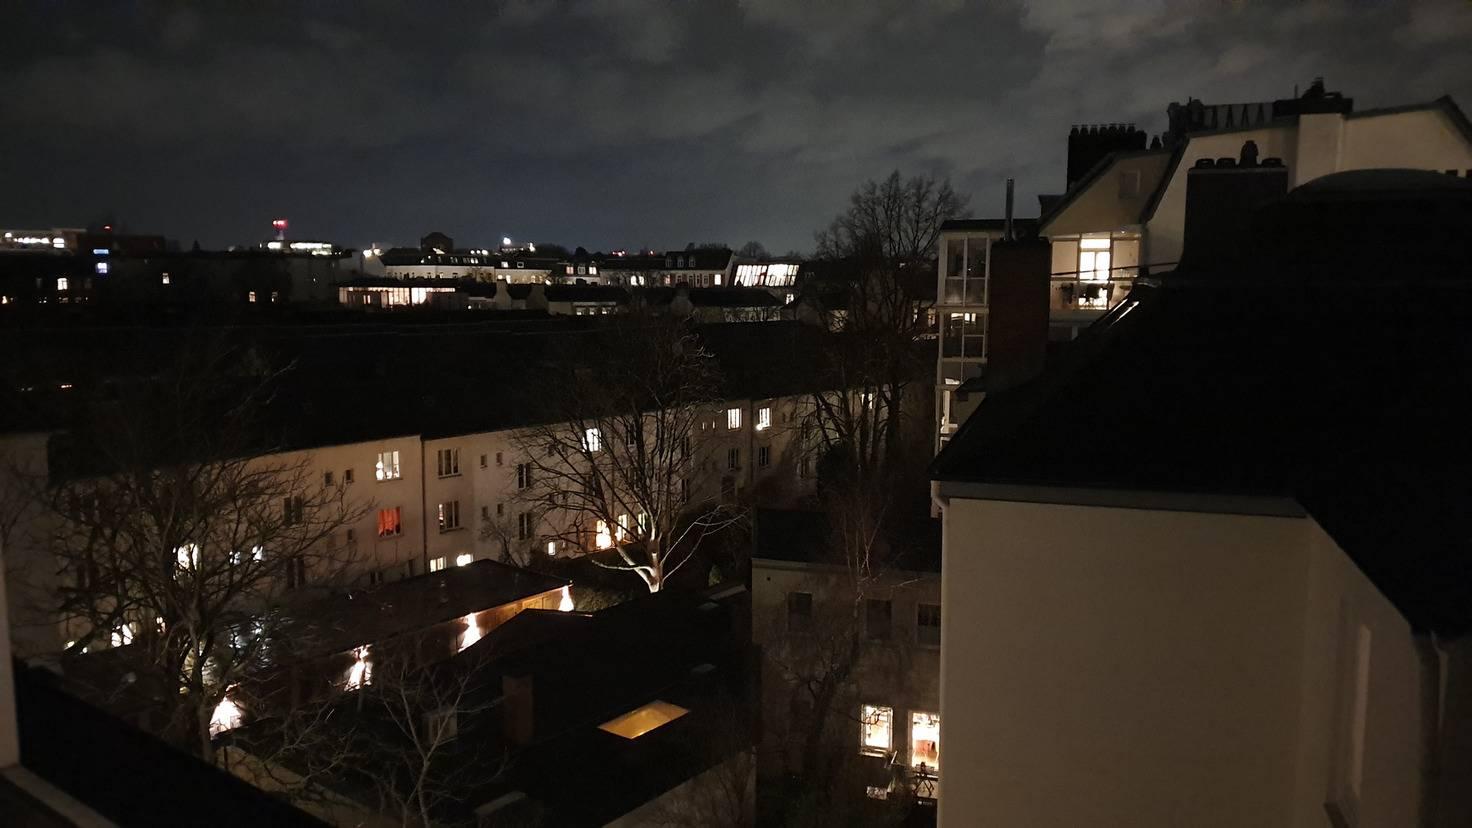 Für Nachtaufnahmen ist das Galaxy S10 gut geeignet.